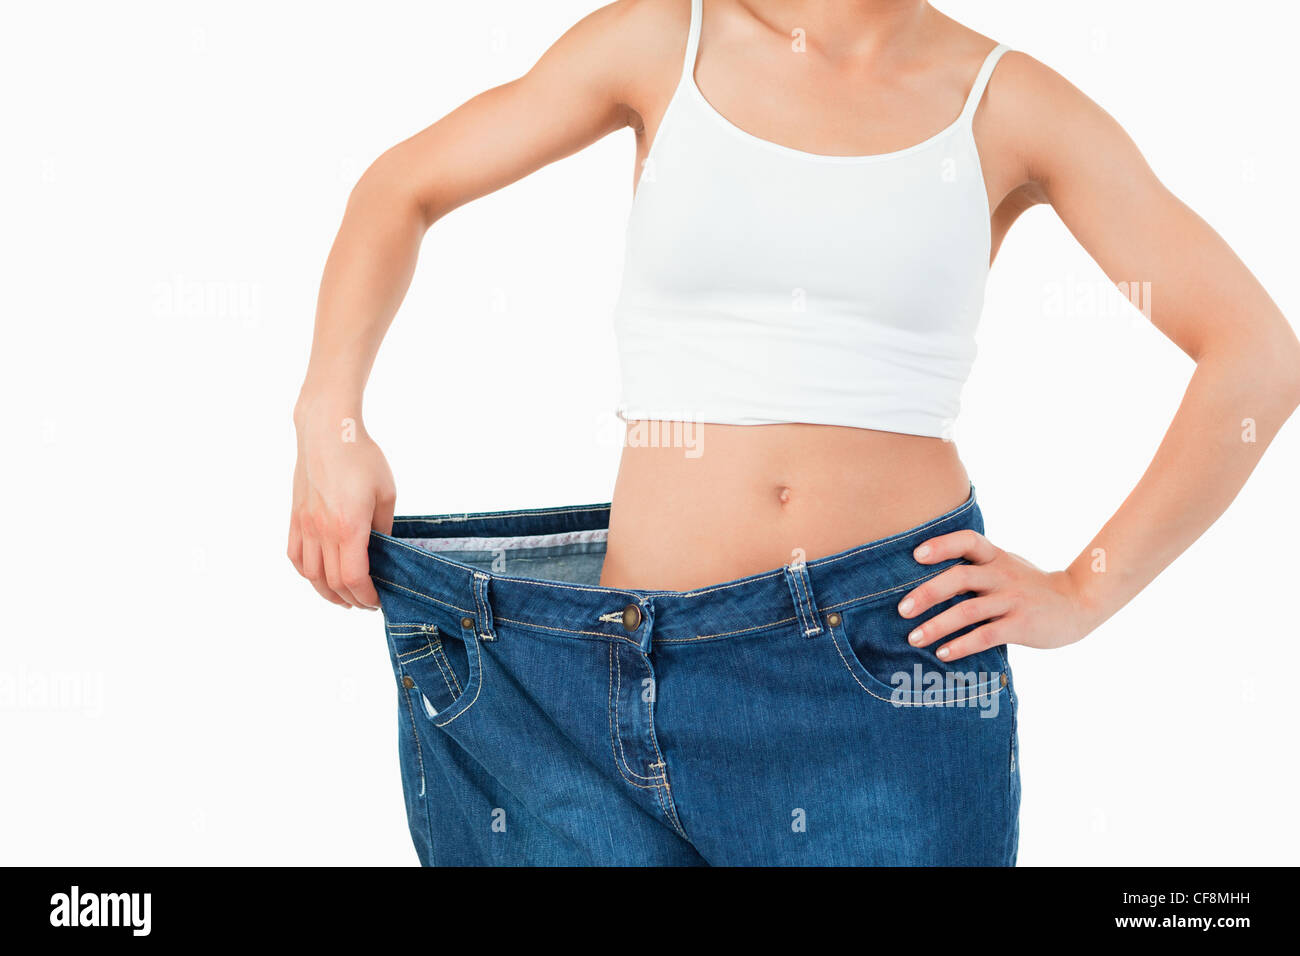 c409b0481ffc Dünne Weiße Jeans Stockfotos   Dünne Weiße Jeans Bilder - Alamy